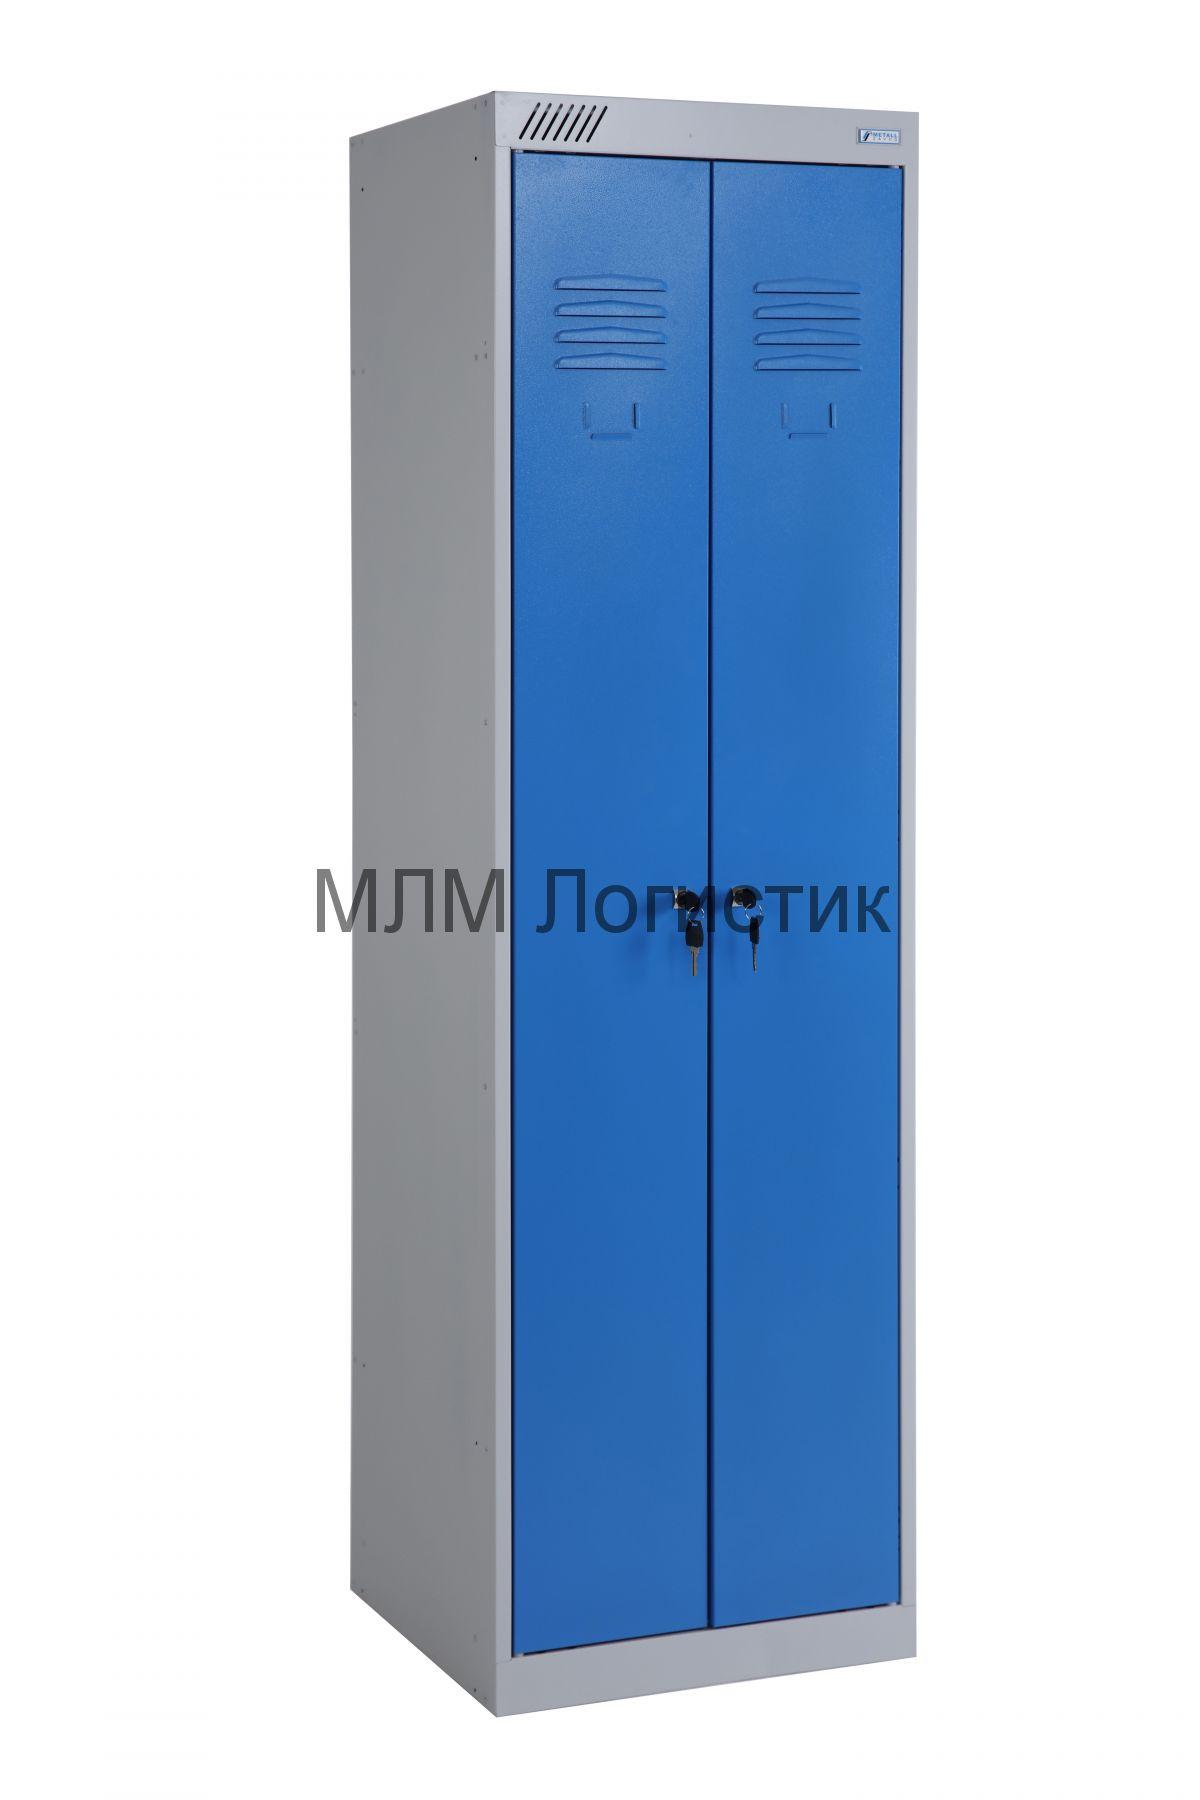 Металлические шкафы для одежды серии ШРЭК-22